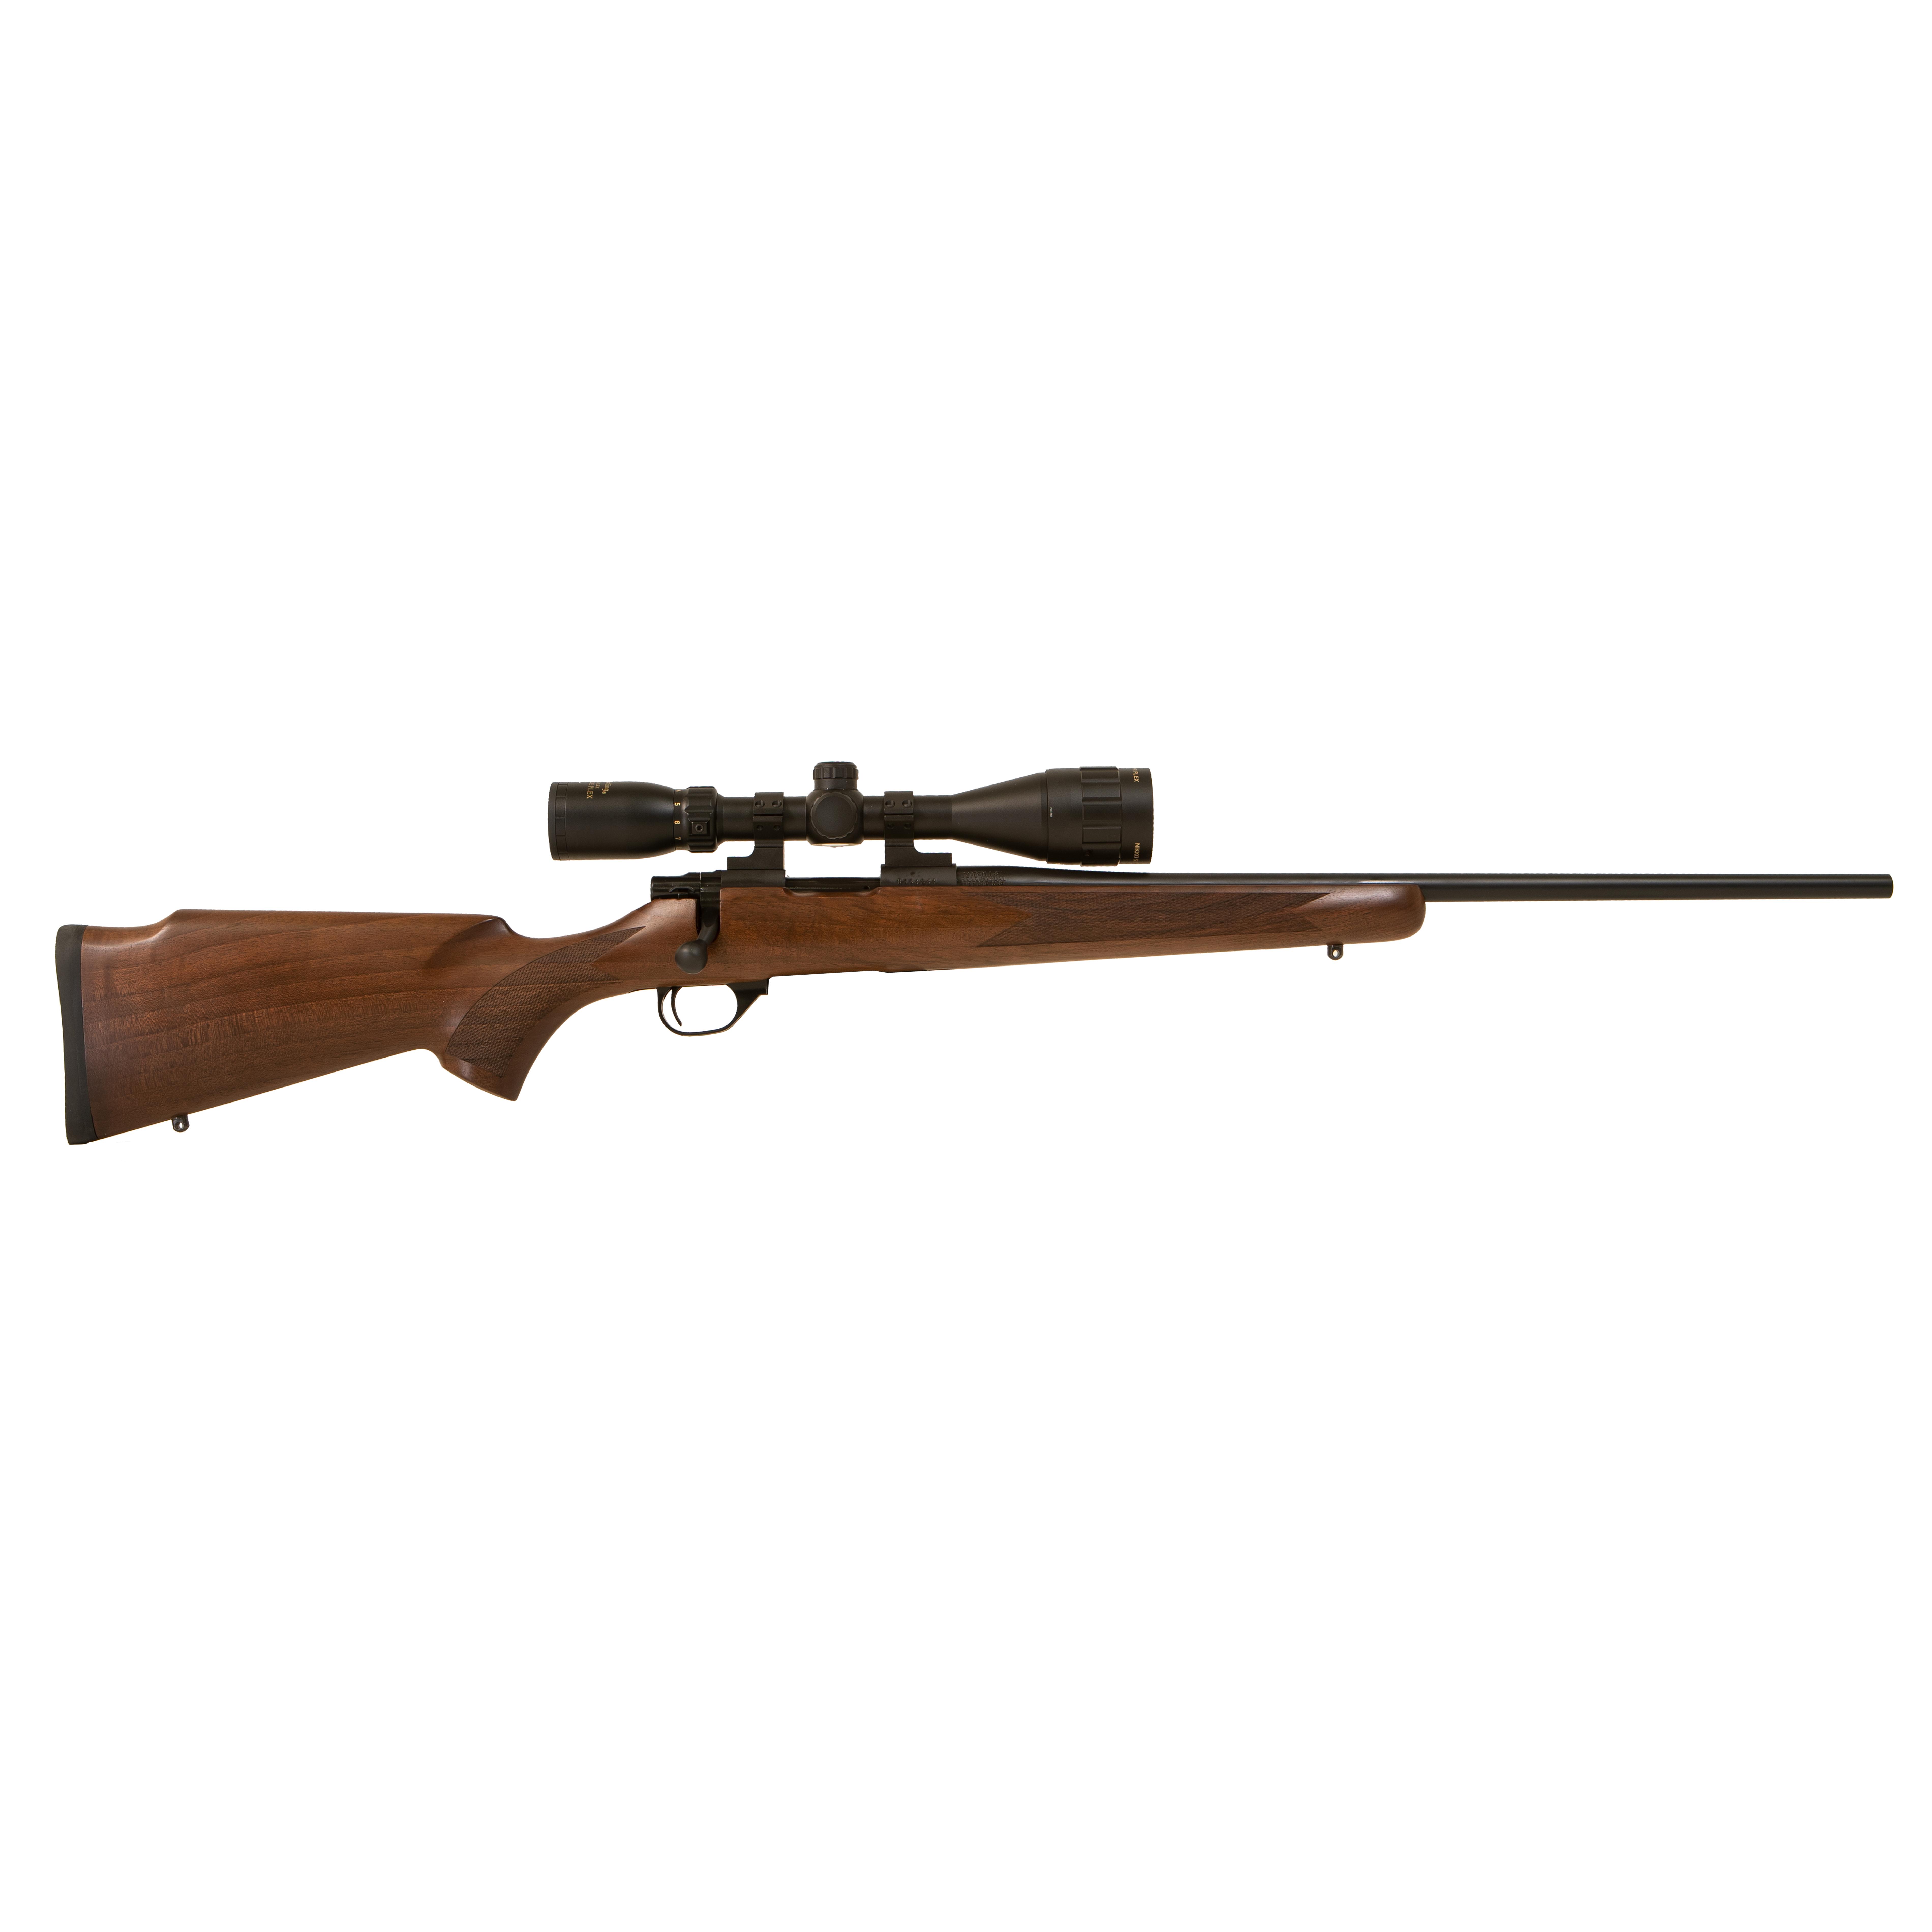 HOWA M1500 WALNUT HUNTER 7MM-08